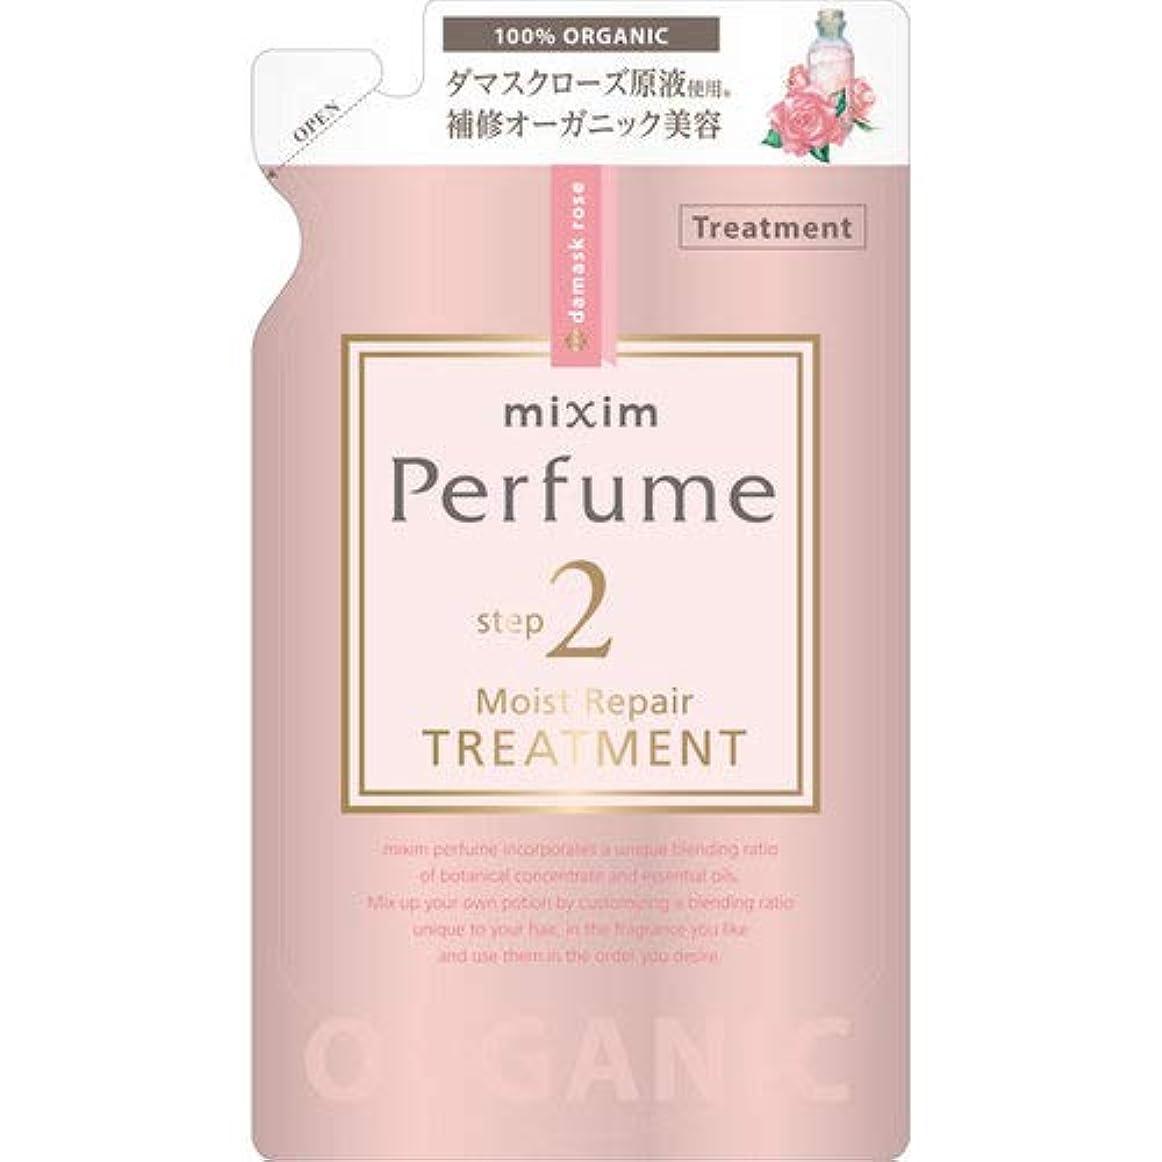 数ビザ不毛mixim Perfume(ミクシムパフューム) モイストリペア ヘアトリートメントつめかえ用 350g